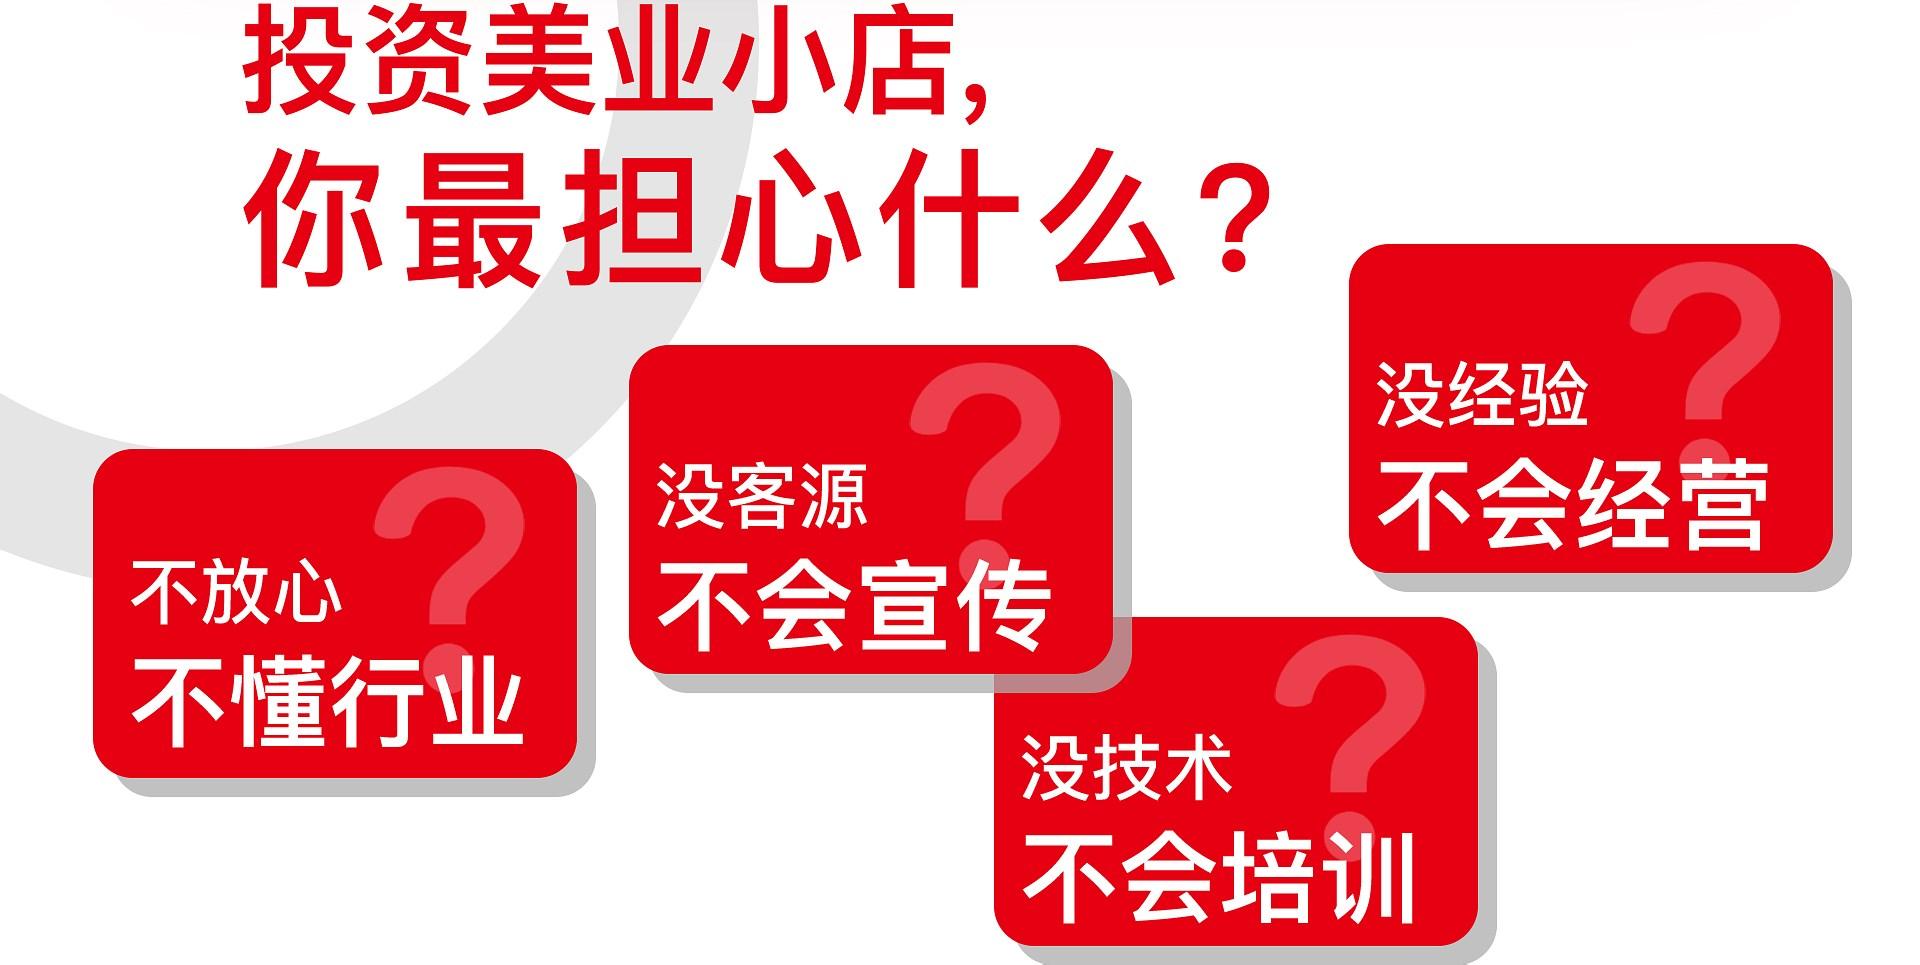 品牌招商_03.jpg